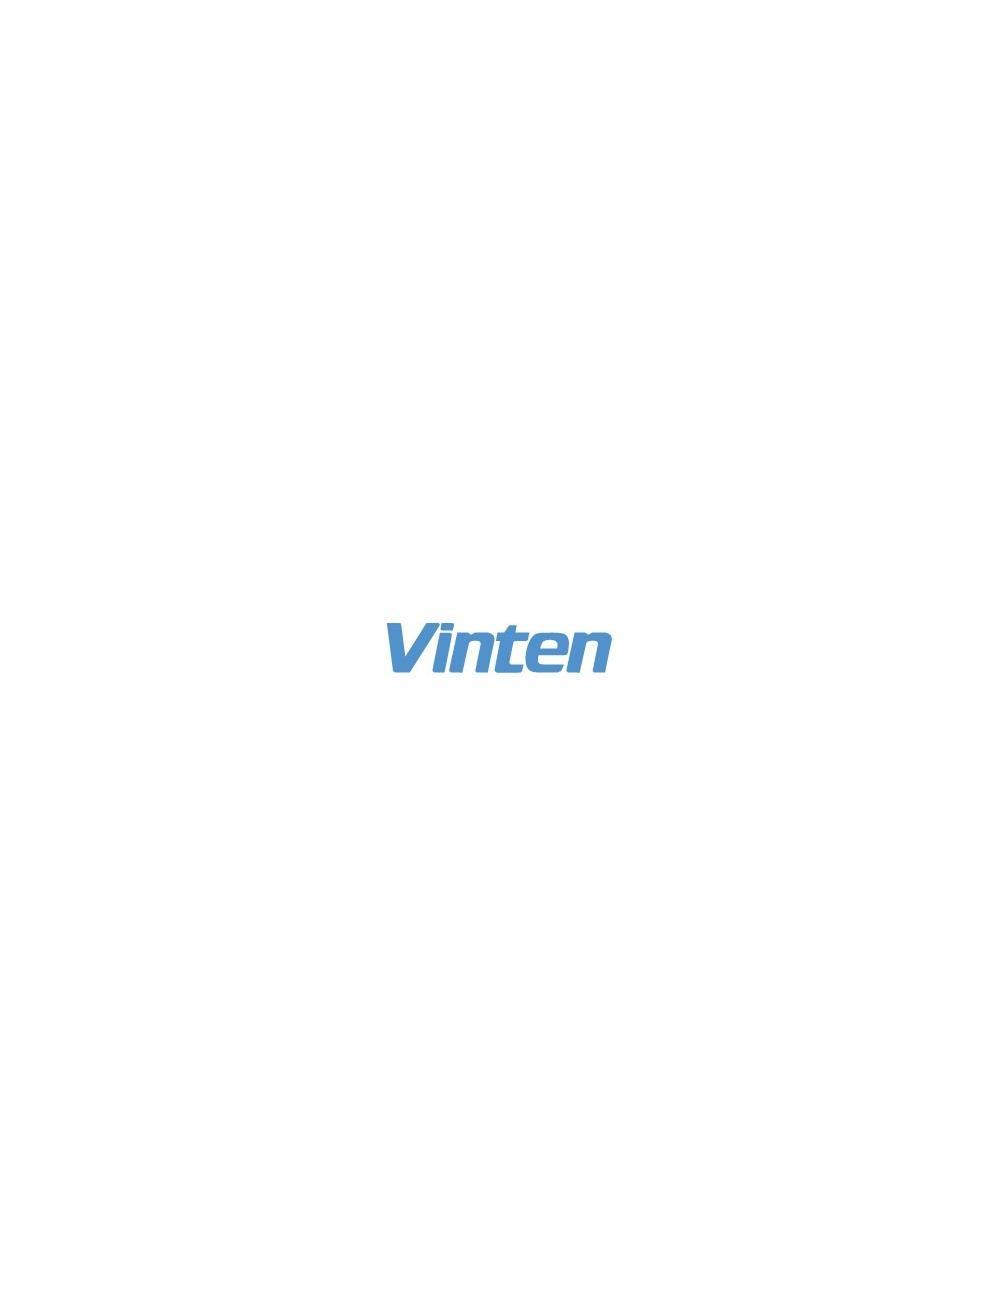 Vinten Hexagon Cable Management